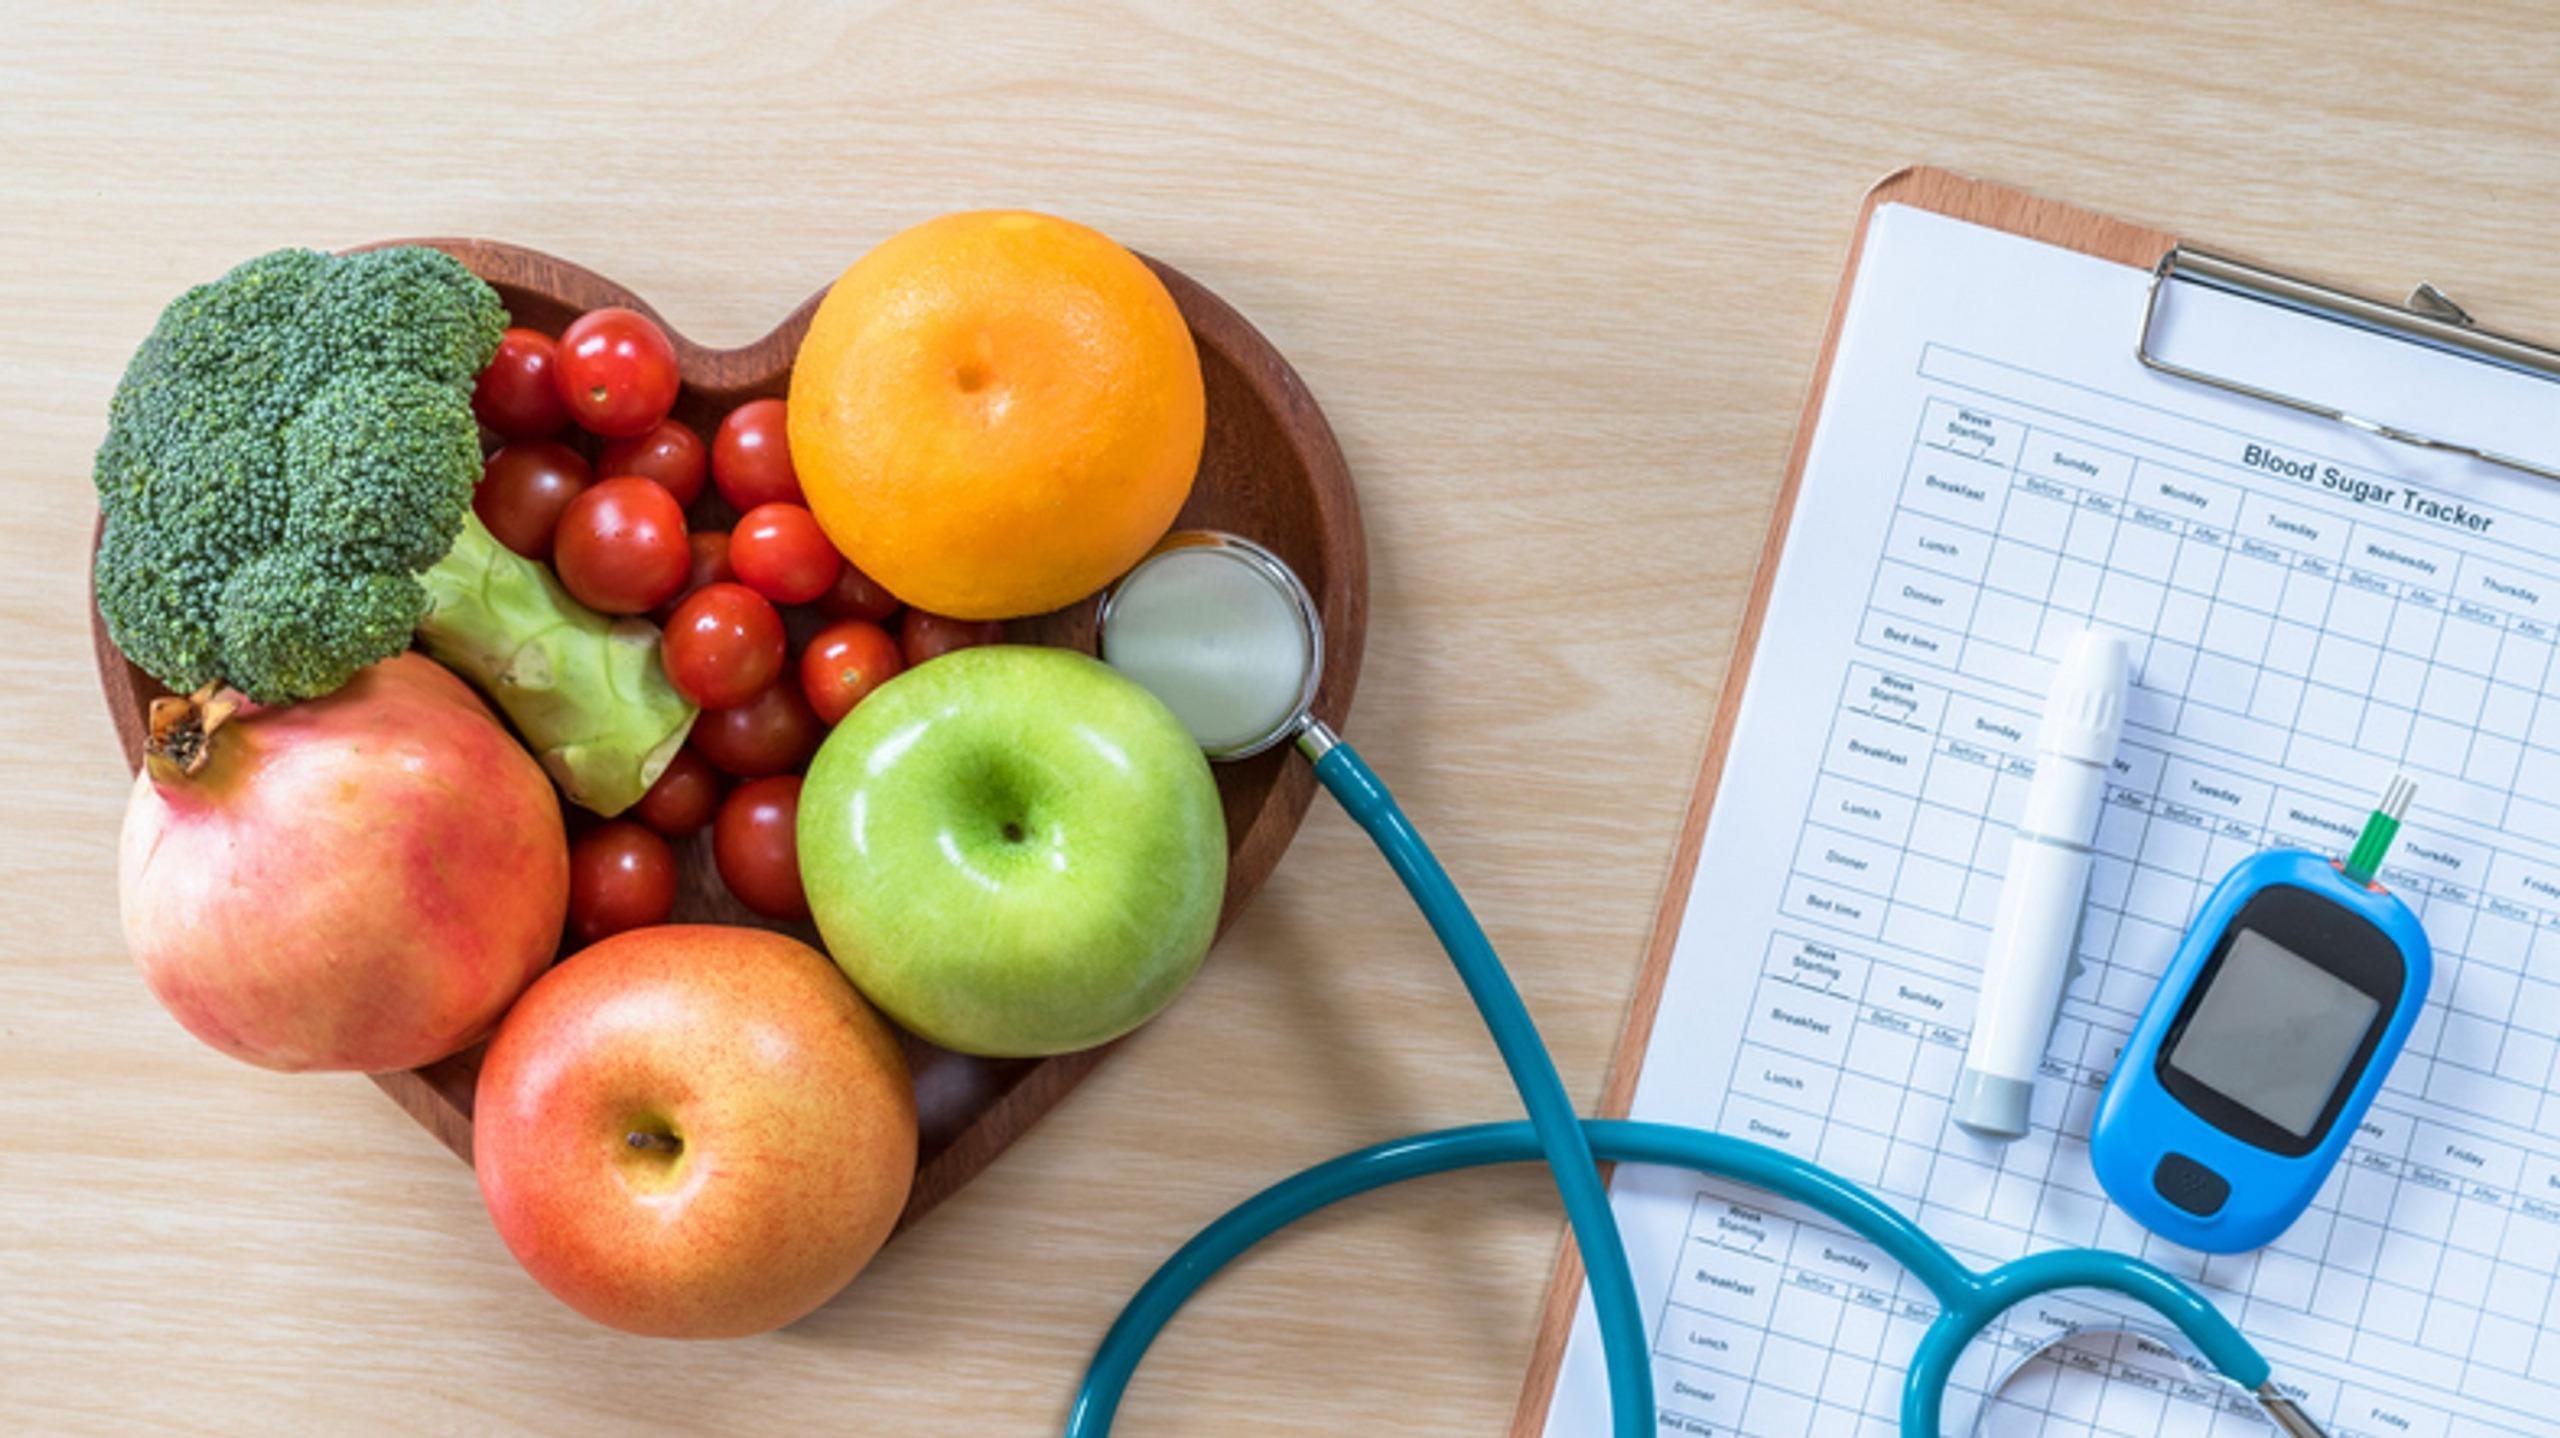 عفونت های شایع که می توانند با دیابت ایجاد شوند عبارتند از: